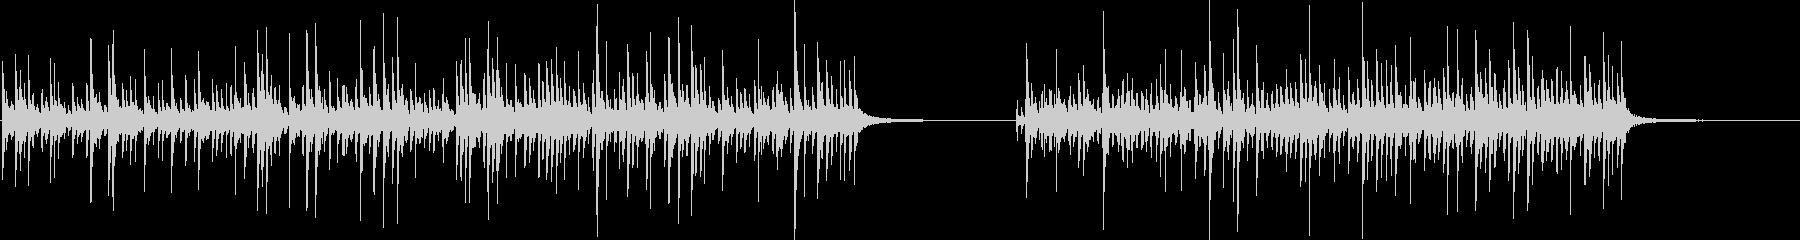 ドラムセット、ソロ、シンバルなし、...の未再生の波形